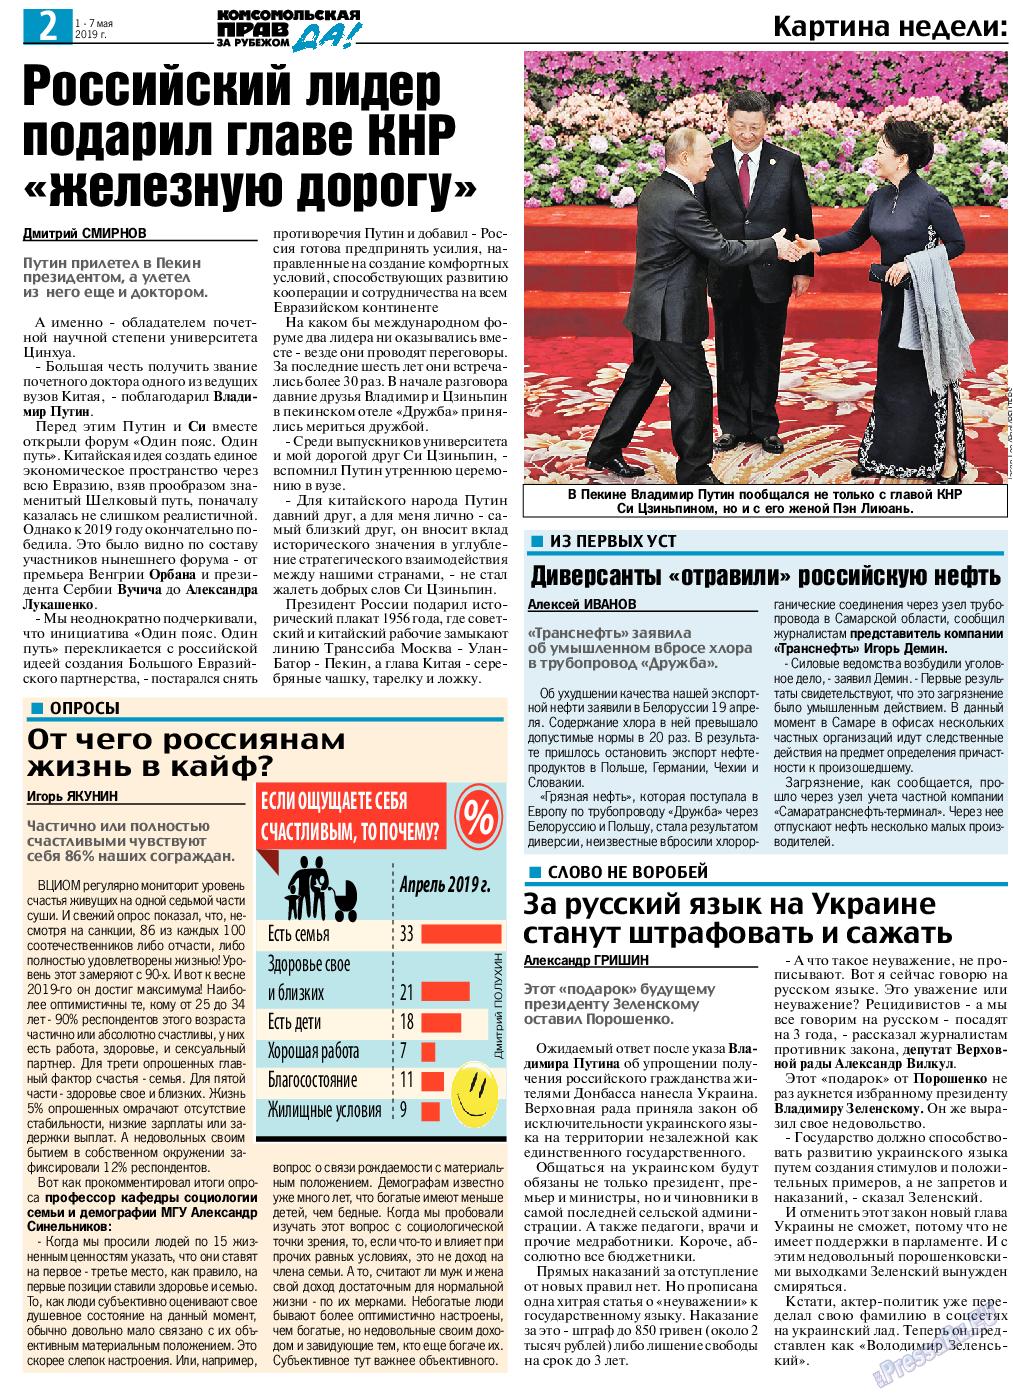 КП в Европе (газета). 2019 год, номер 18, стр. 2